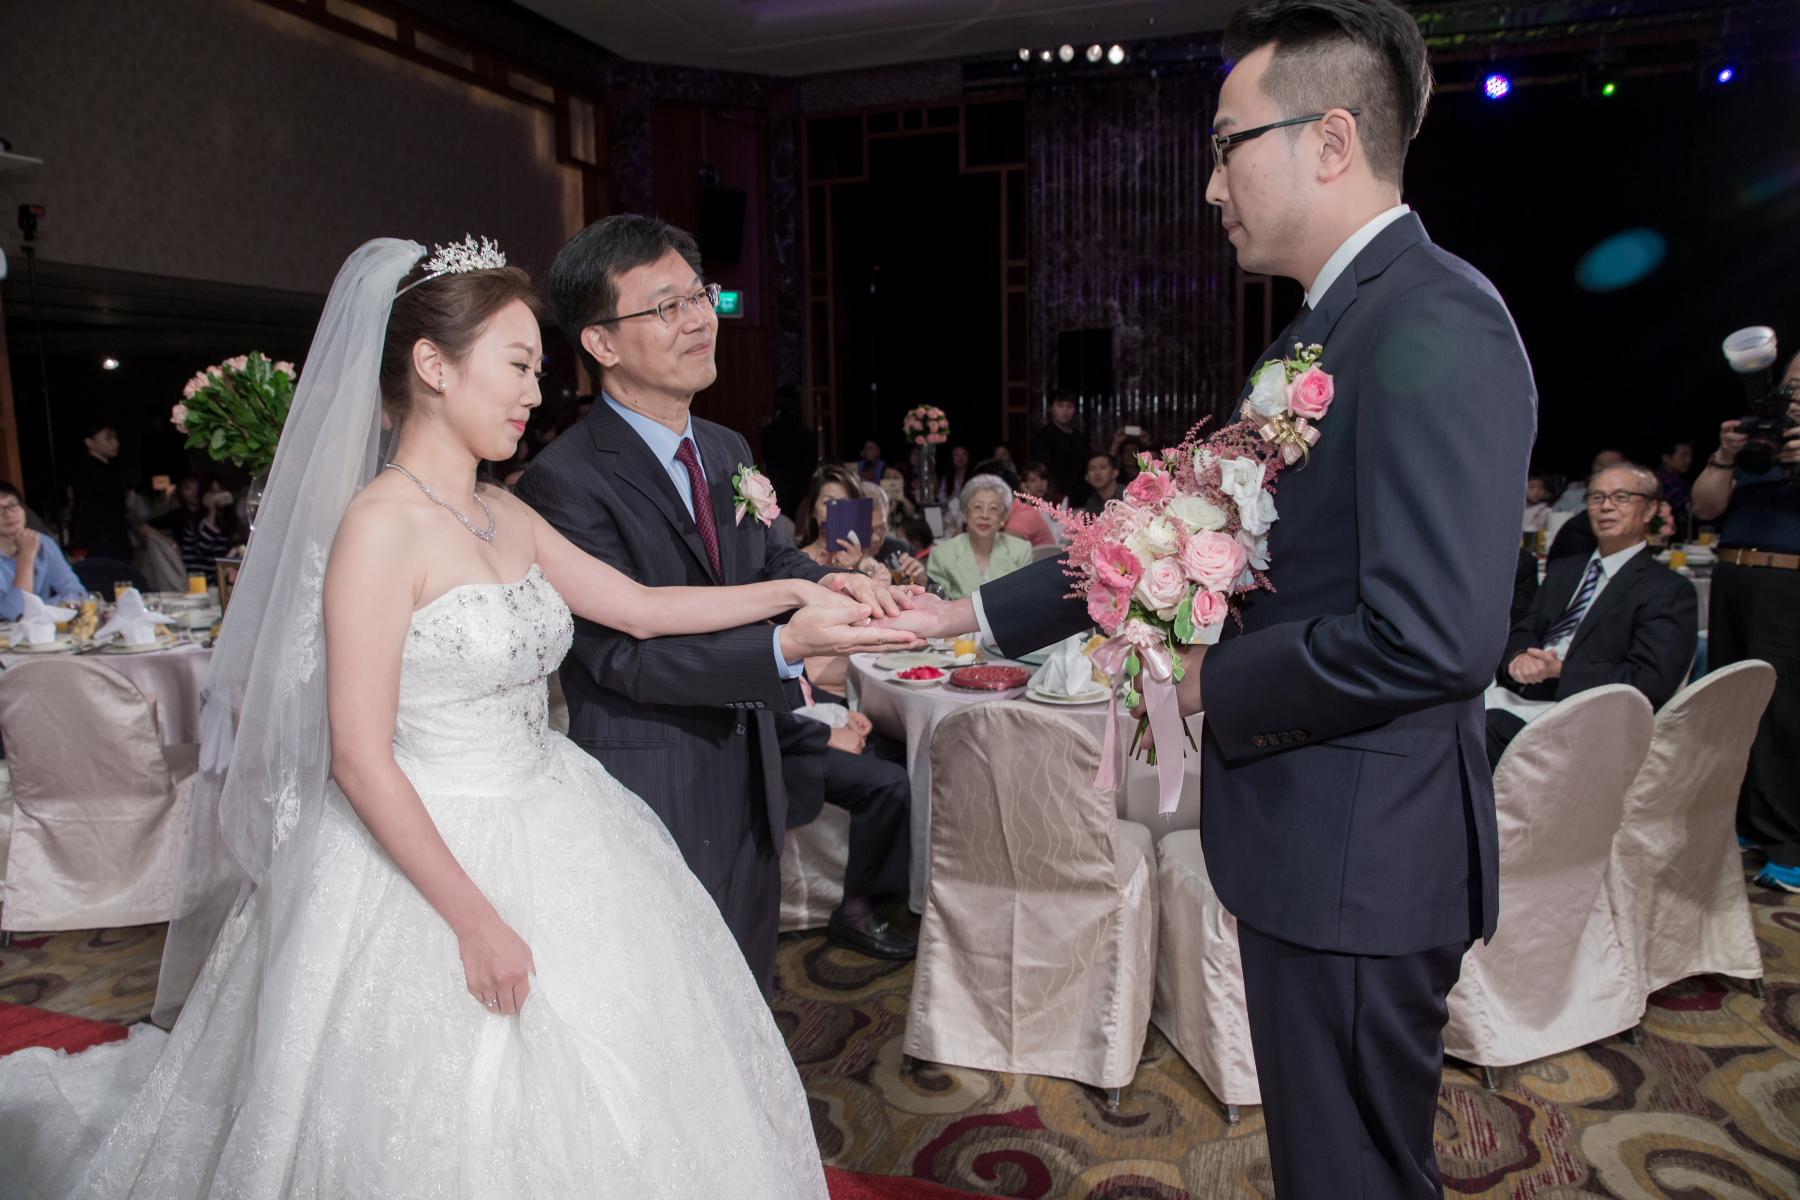 鴻璿鈺婷婚禮644